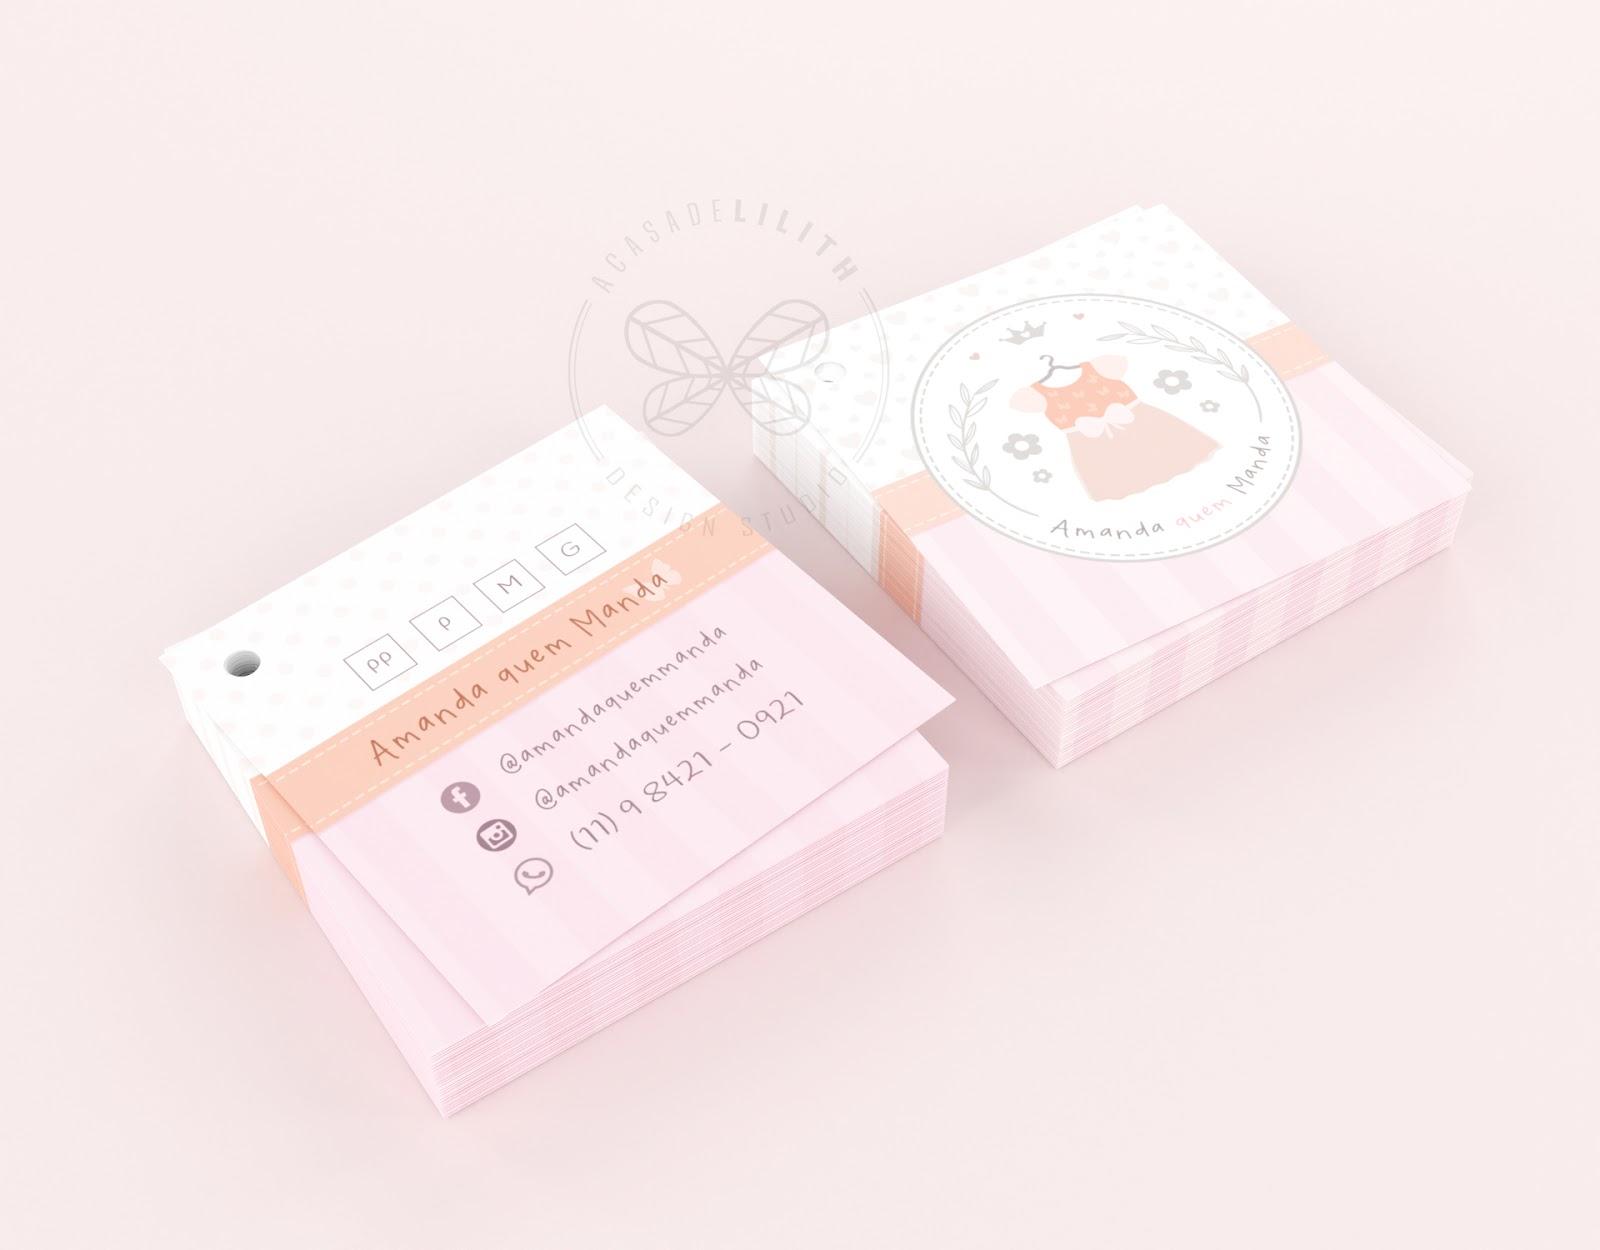 Tags para Loja de Roupas Infantis - Criação de Logotipo e Tags